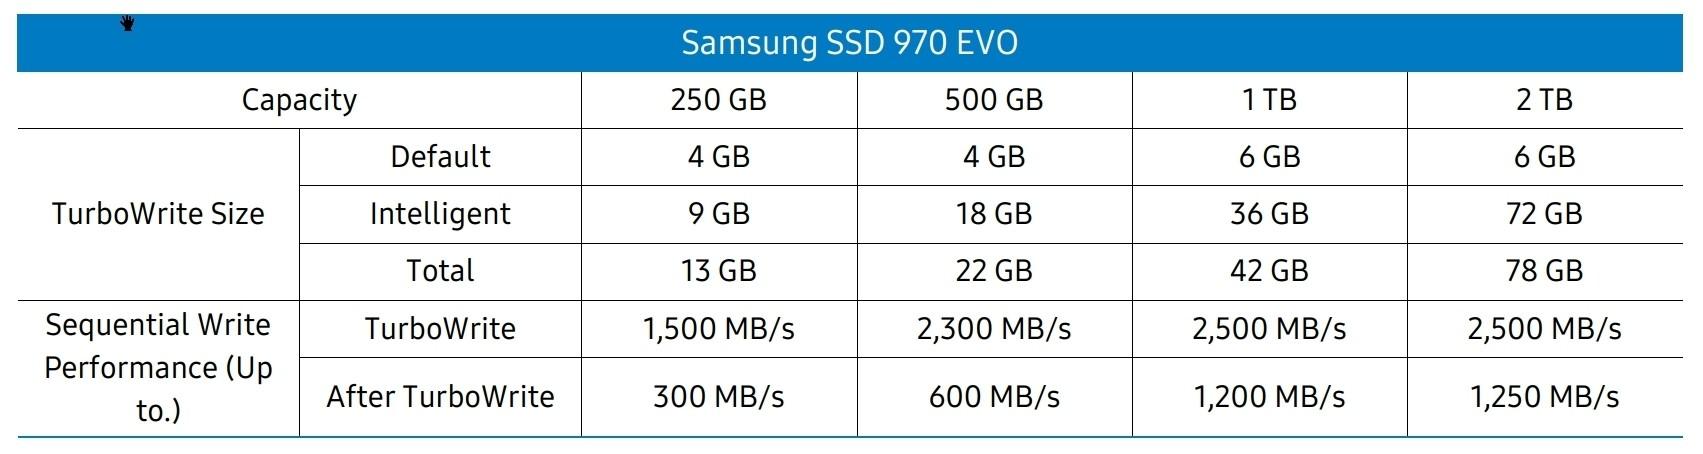 cache write speeds for 970 evo